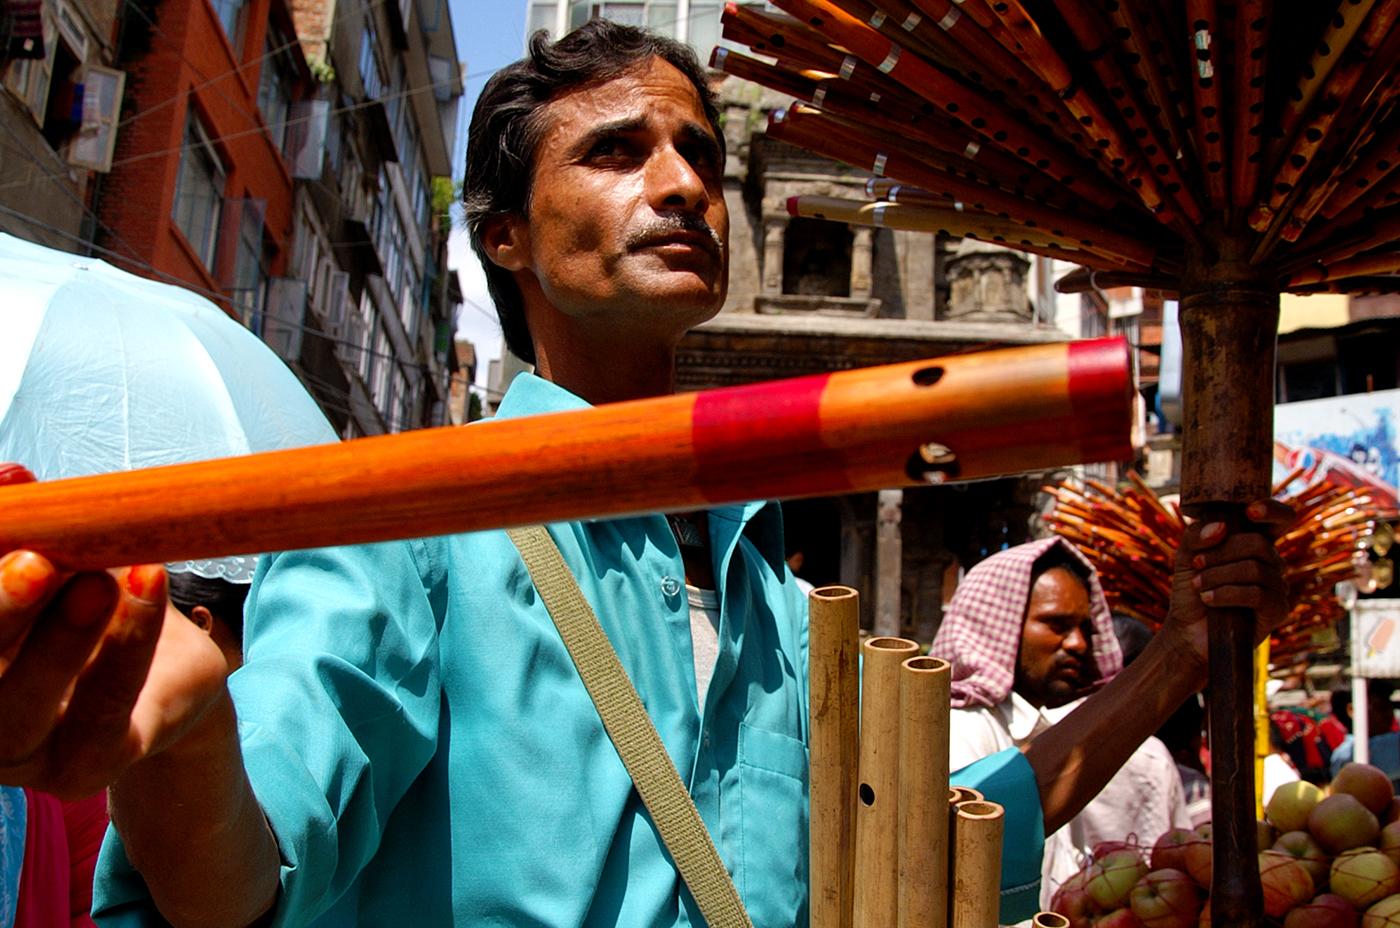 Fluit seller